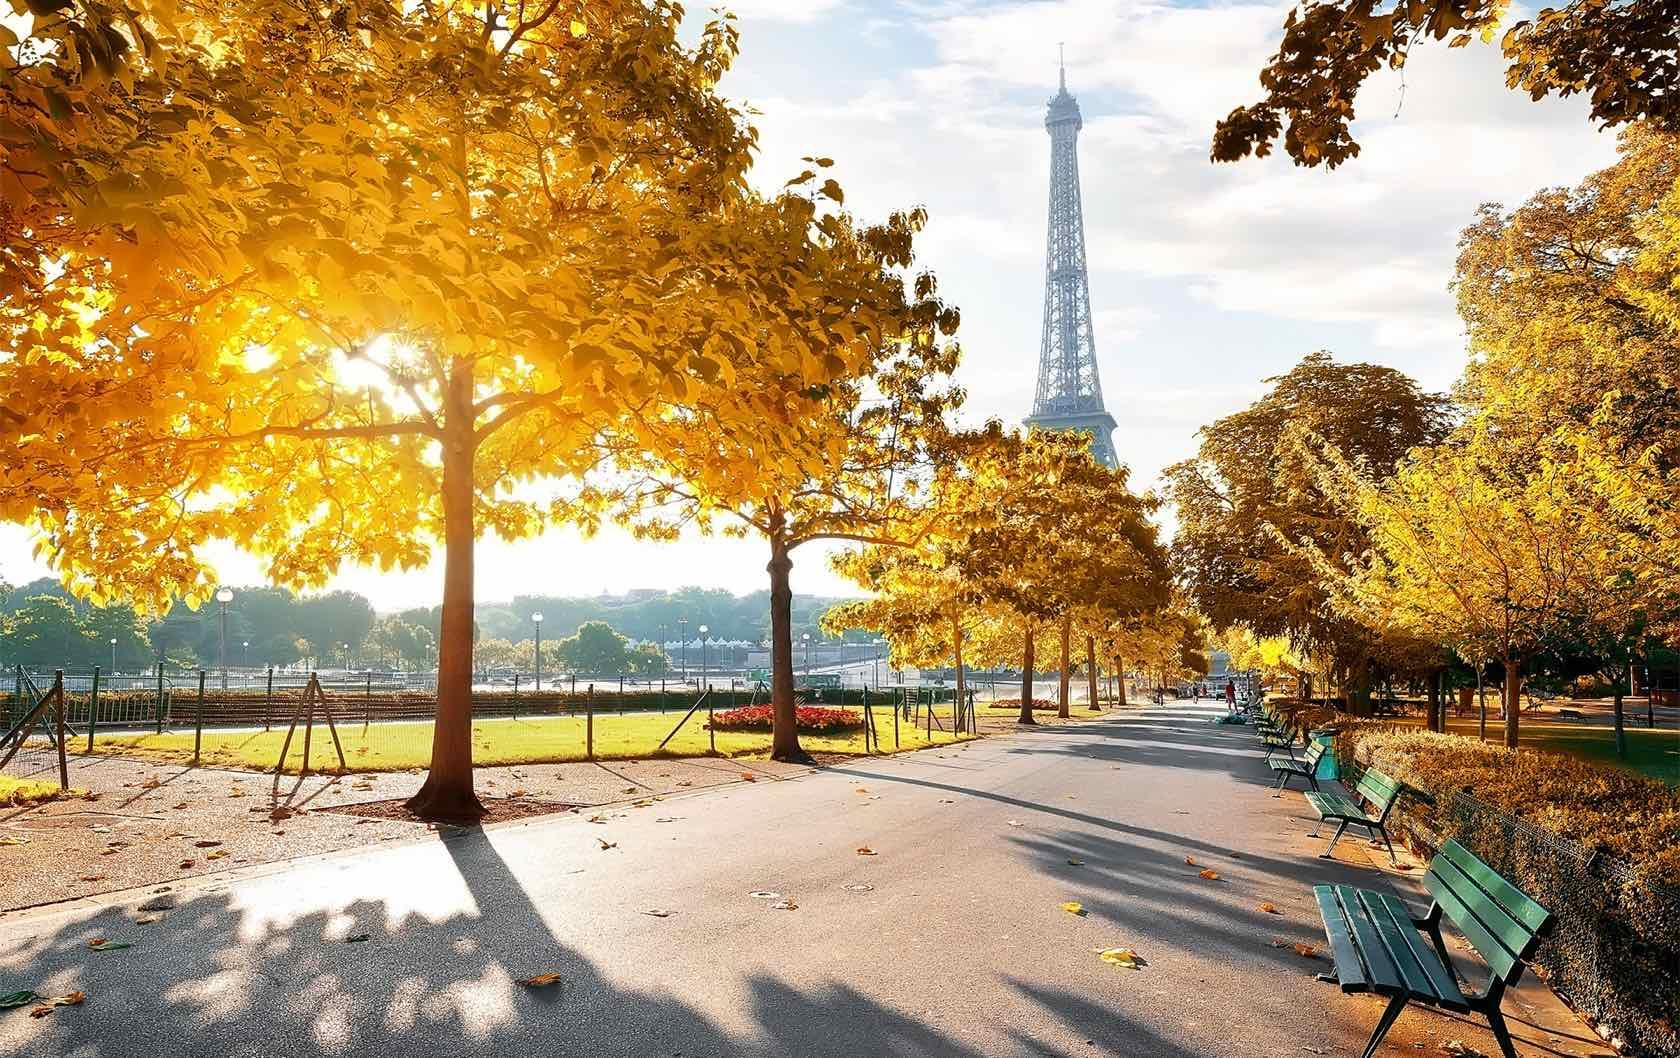 Appart hôtel Paris : voulez-vous une expérience hors du commun ?